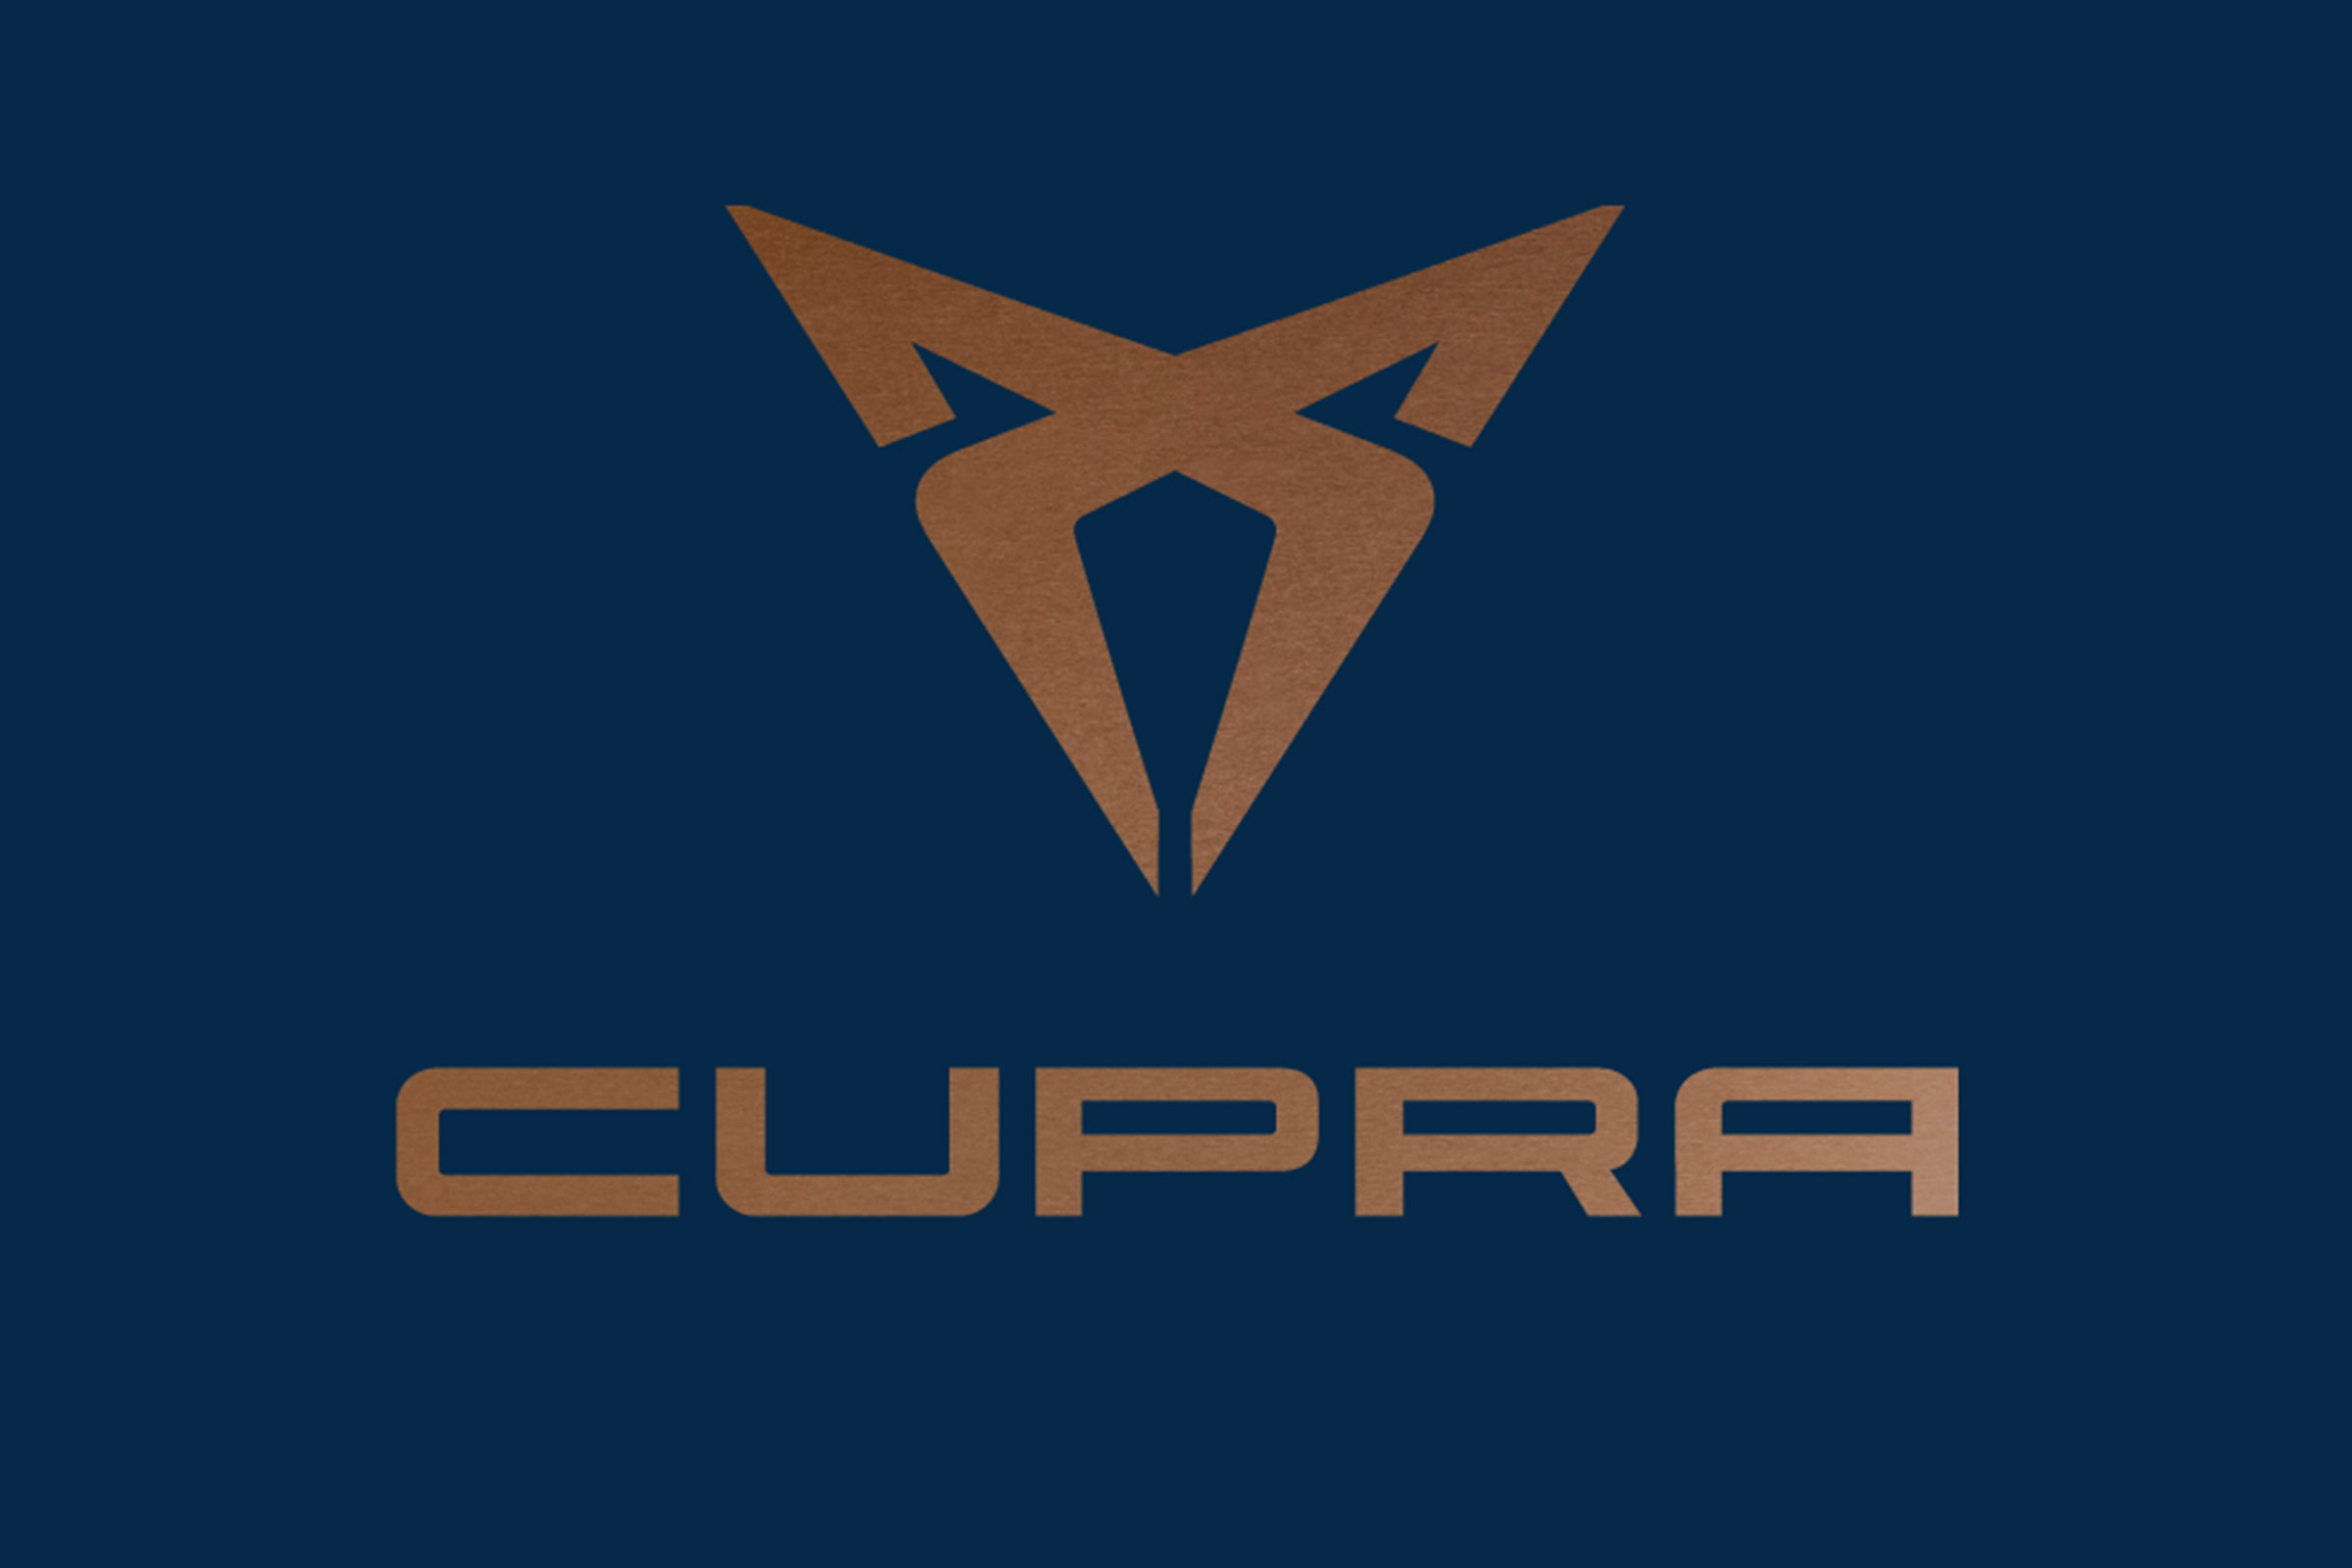 Cupra